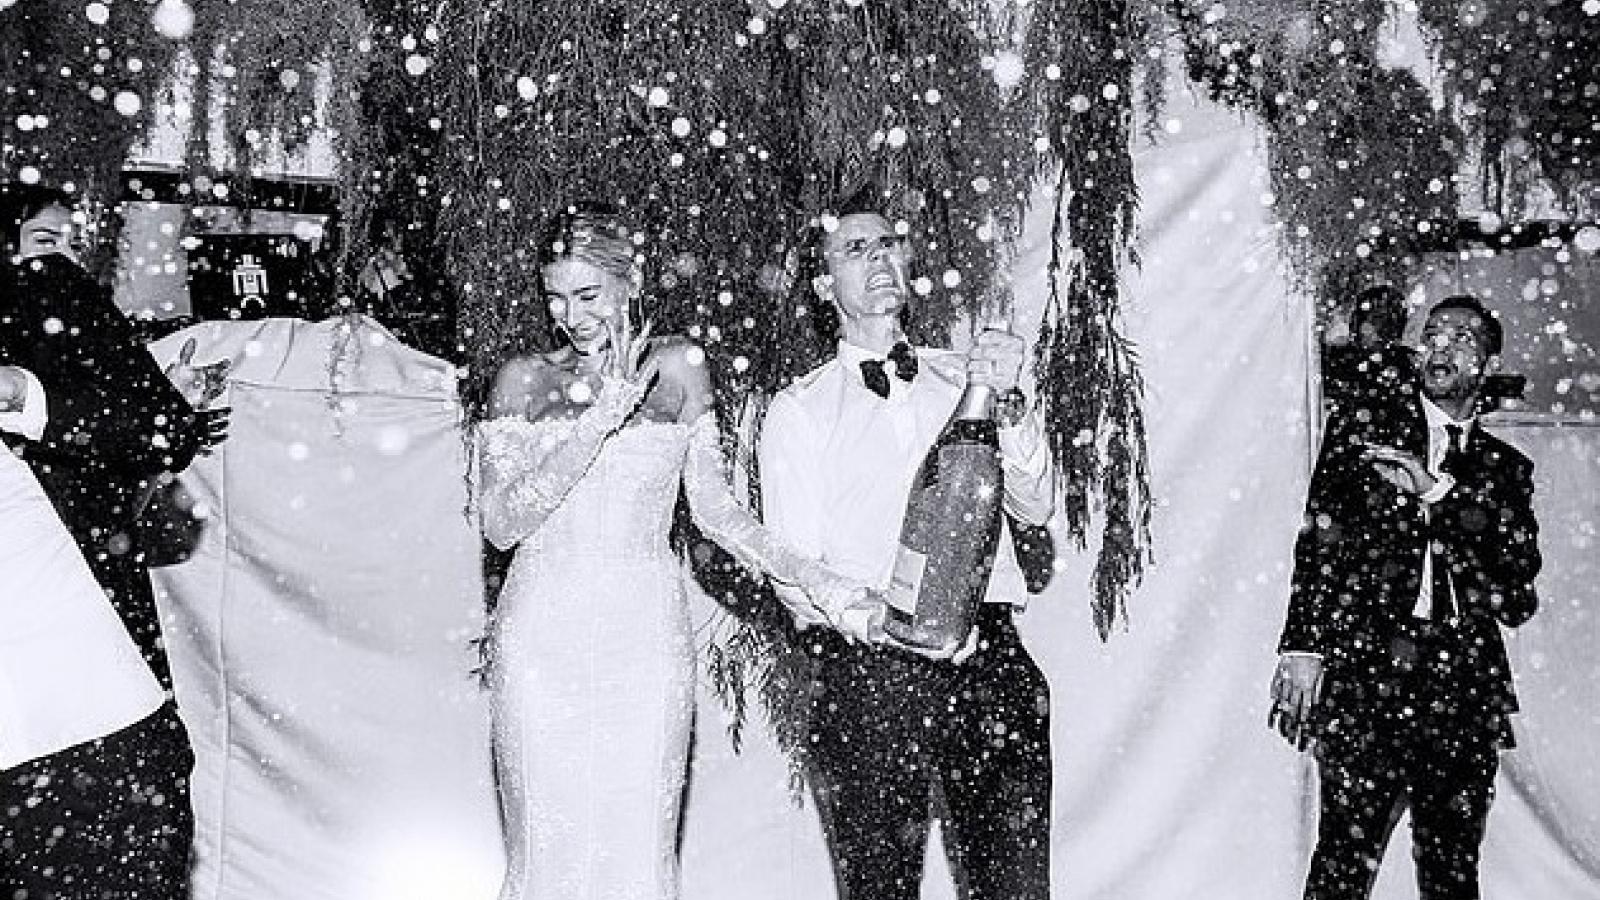 Hình ảnh chưa từng công bố trong lễ cưới xa hoa của Justin Bieber và Hailey Baldwin